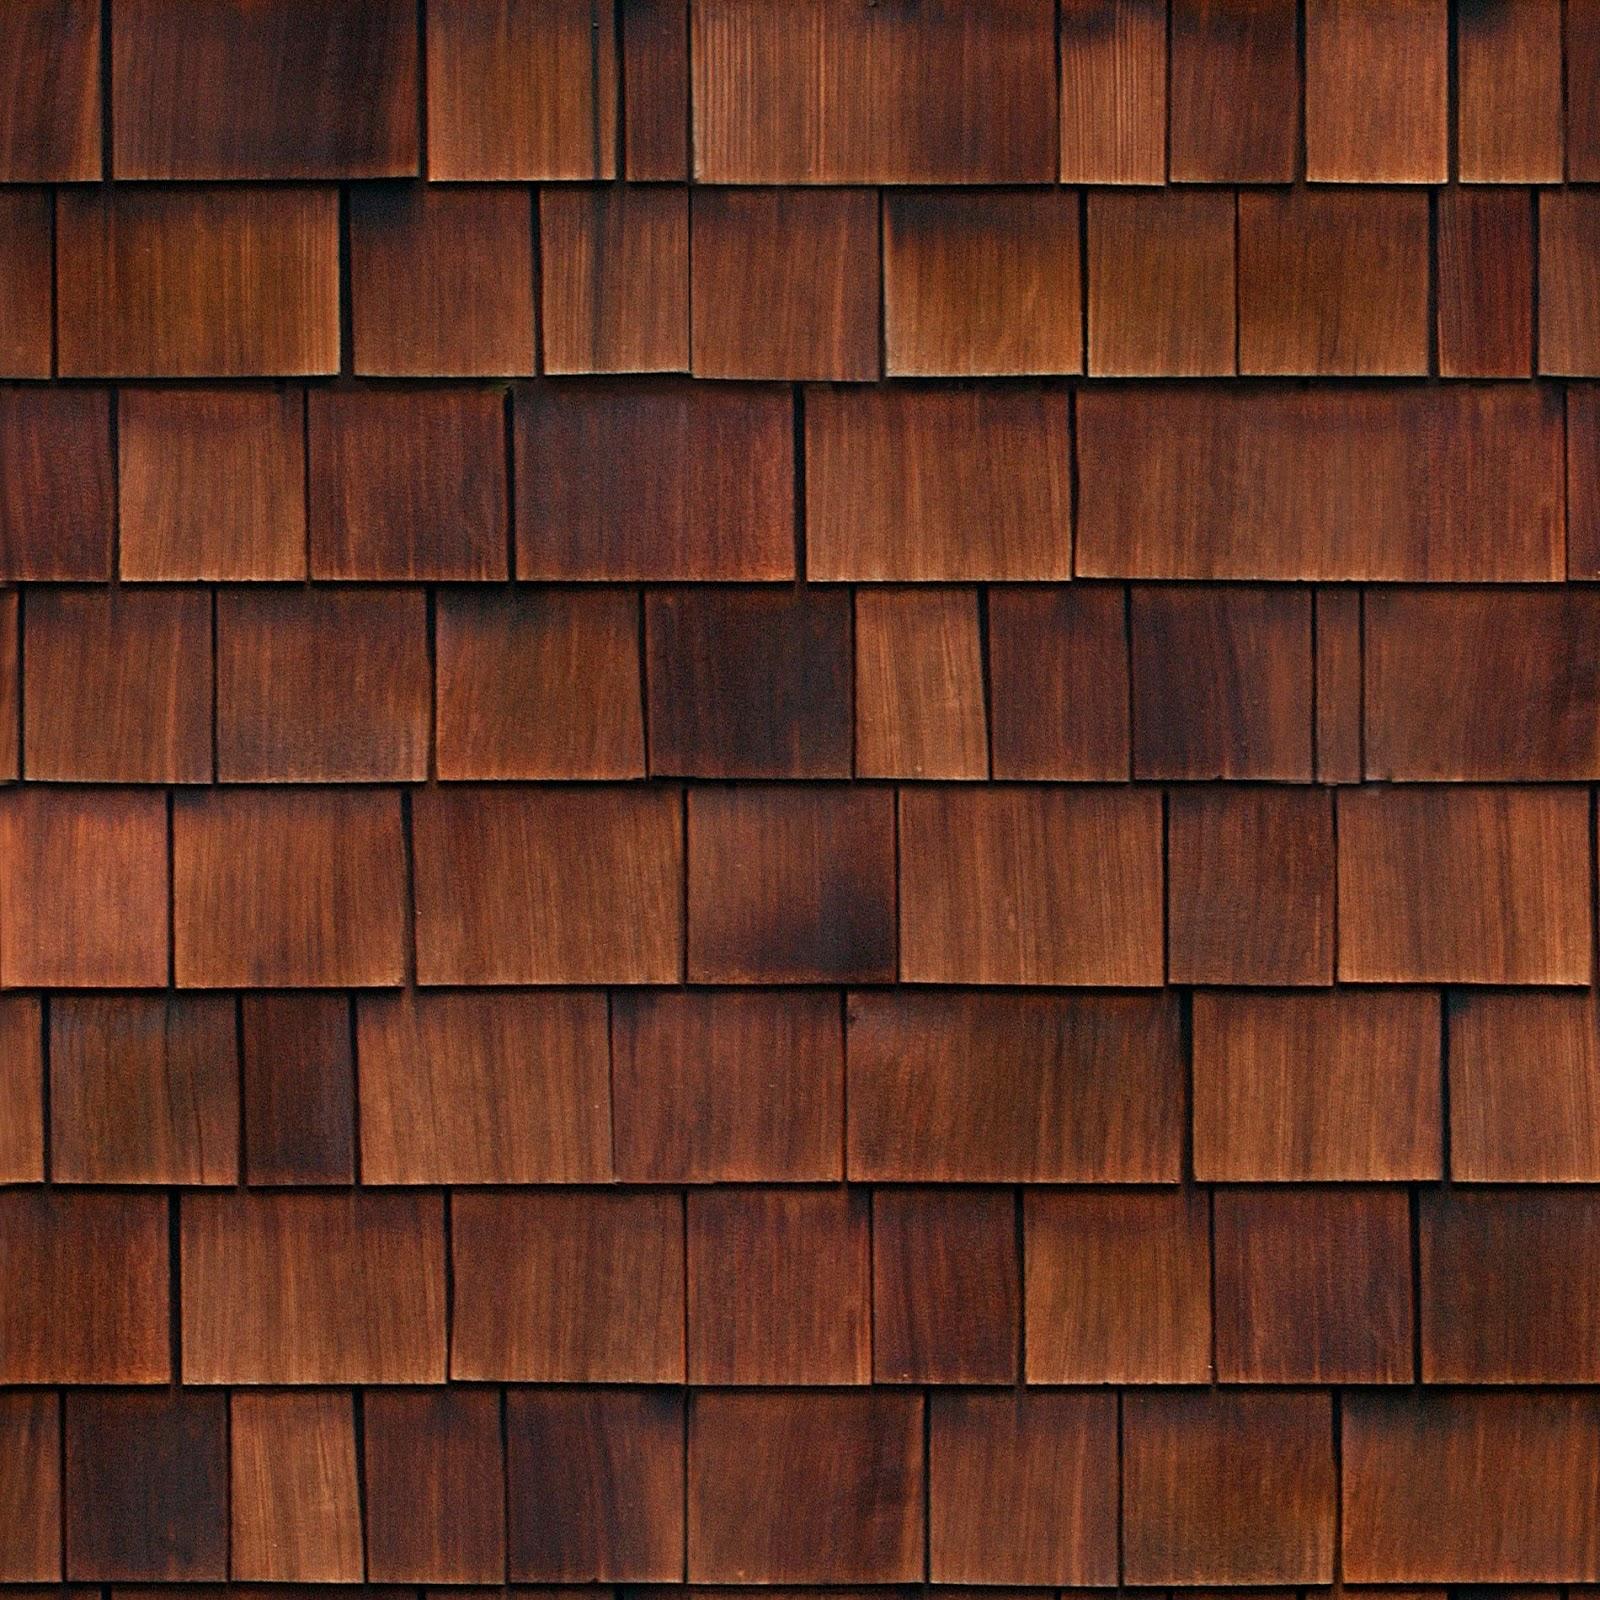 Mái gỗ wood roof